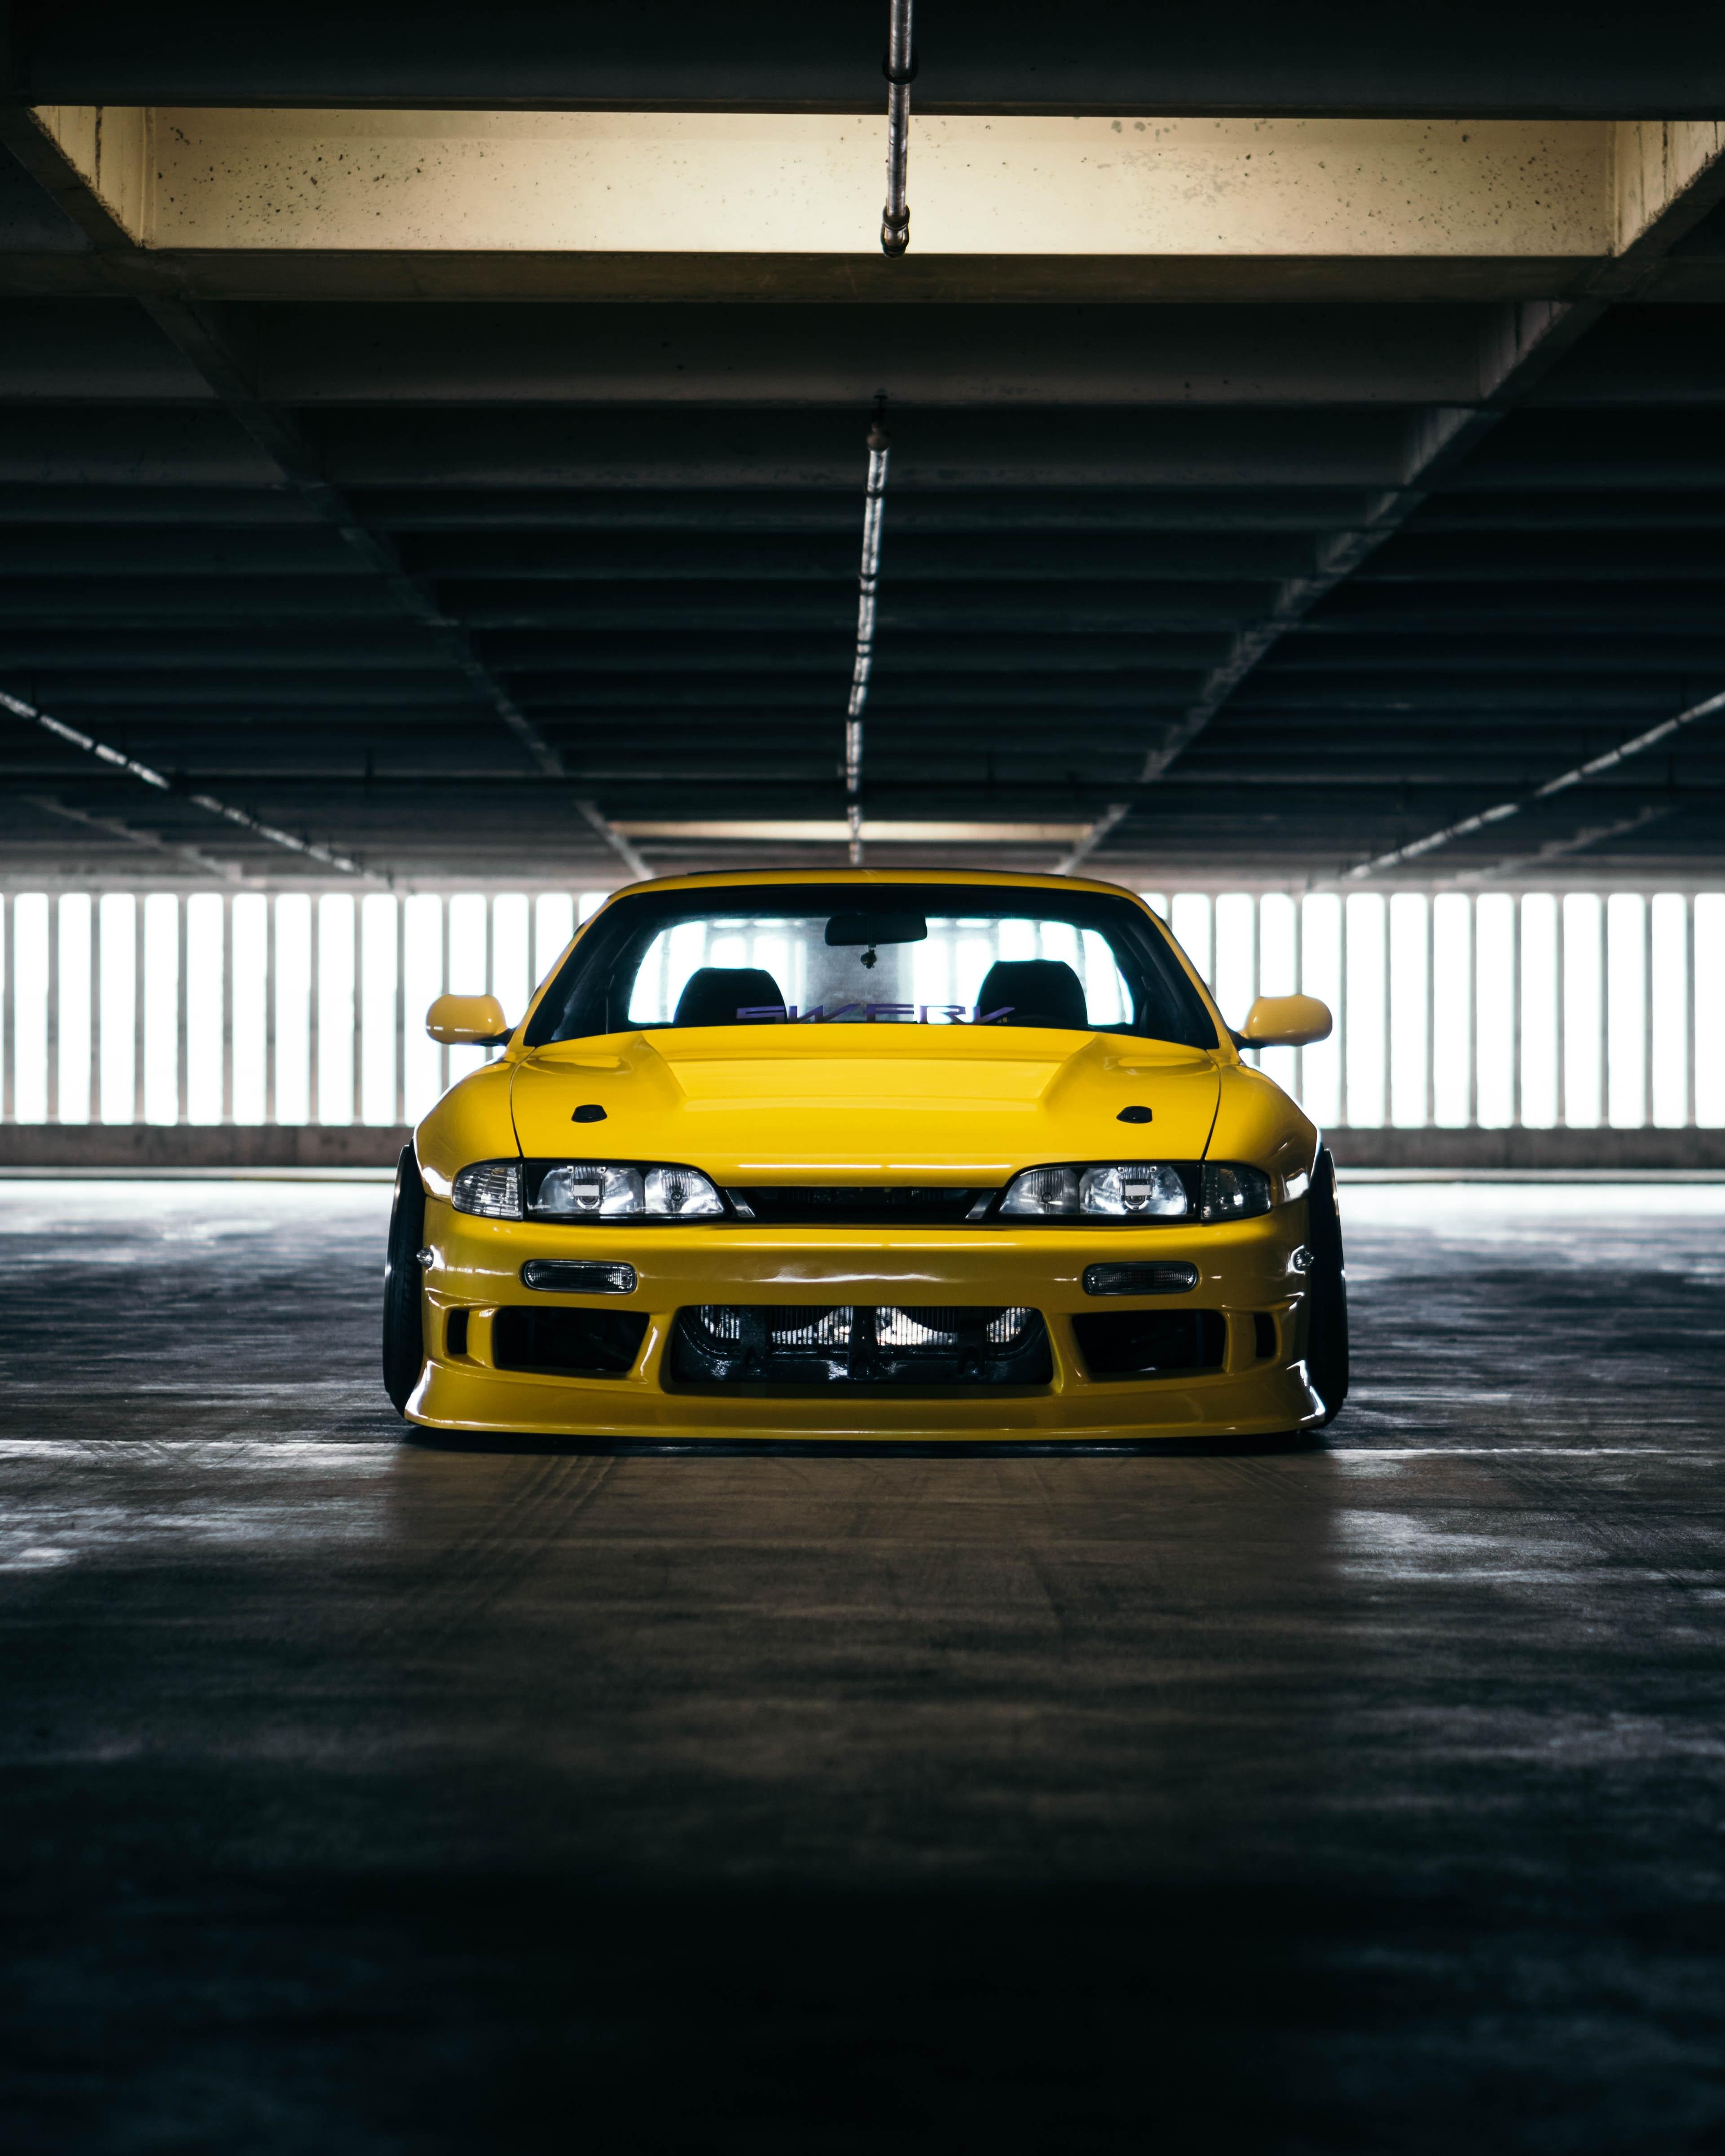 Parking Garage Pictures Download Free Images On Unsplash